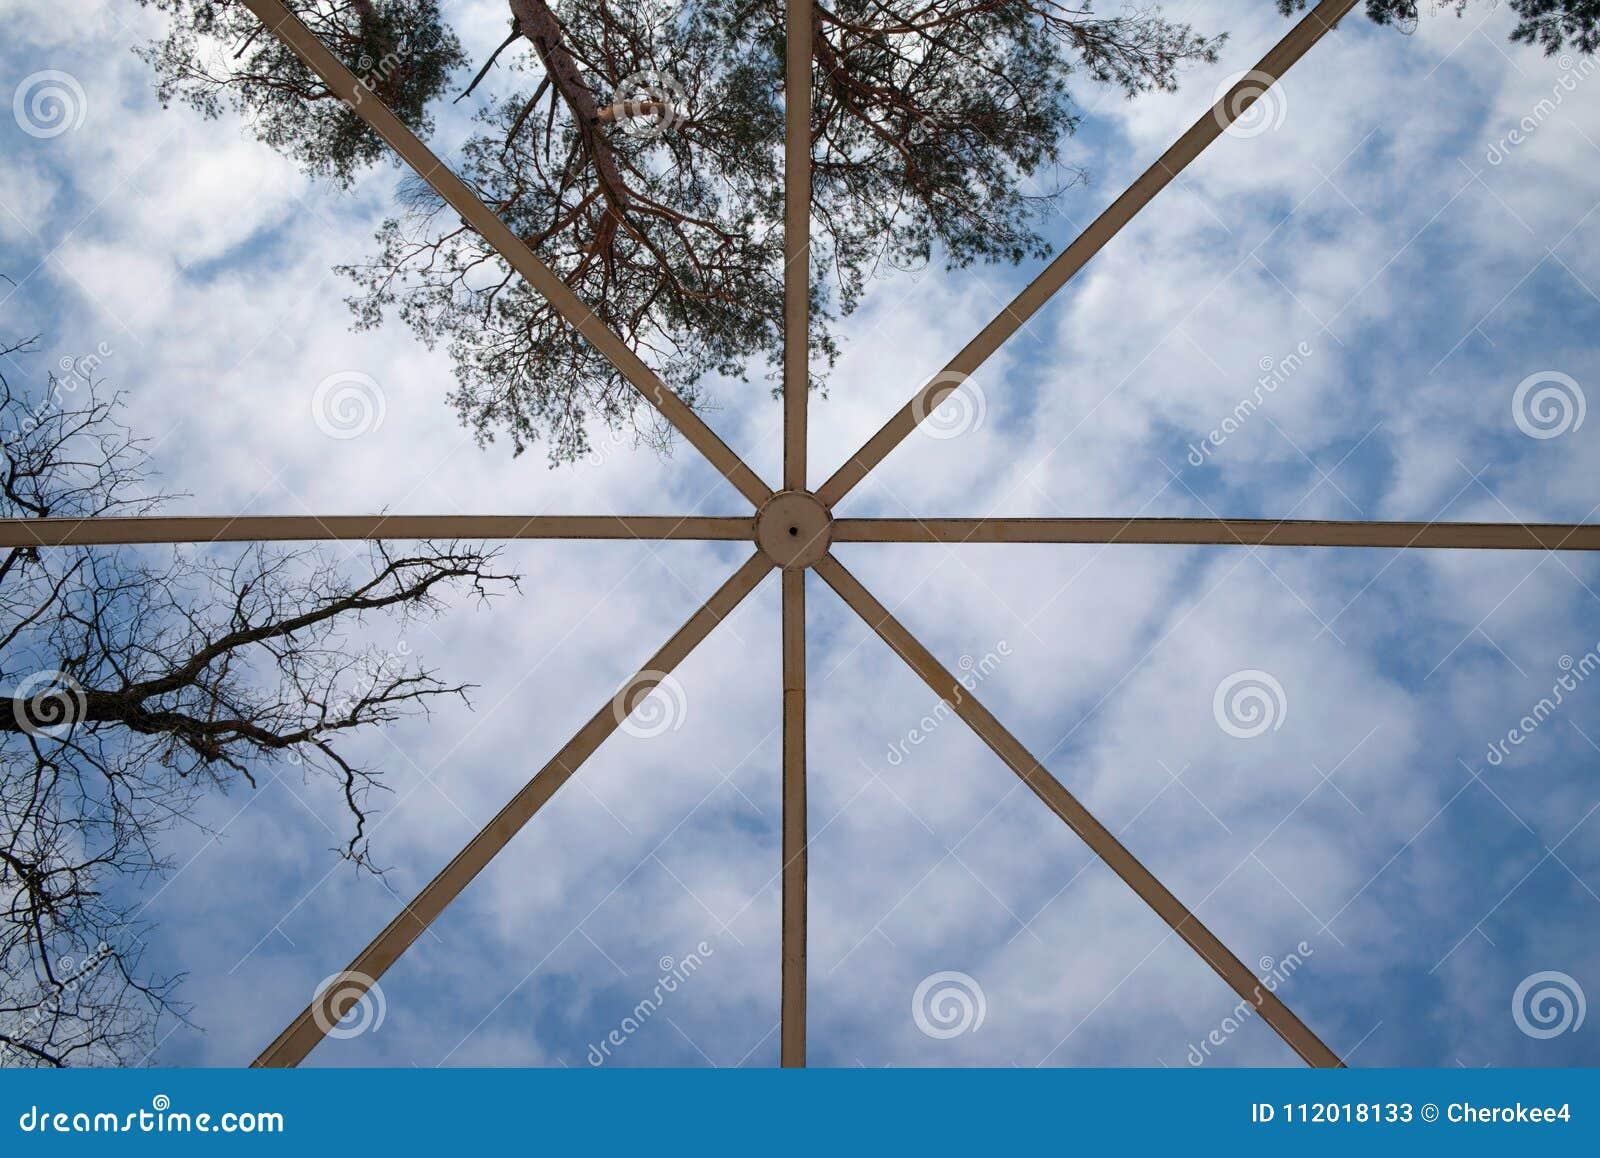 Structure de métal pour la construction de bâtiments sur le fond de ciel bleu